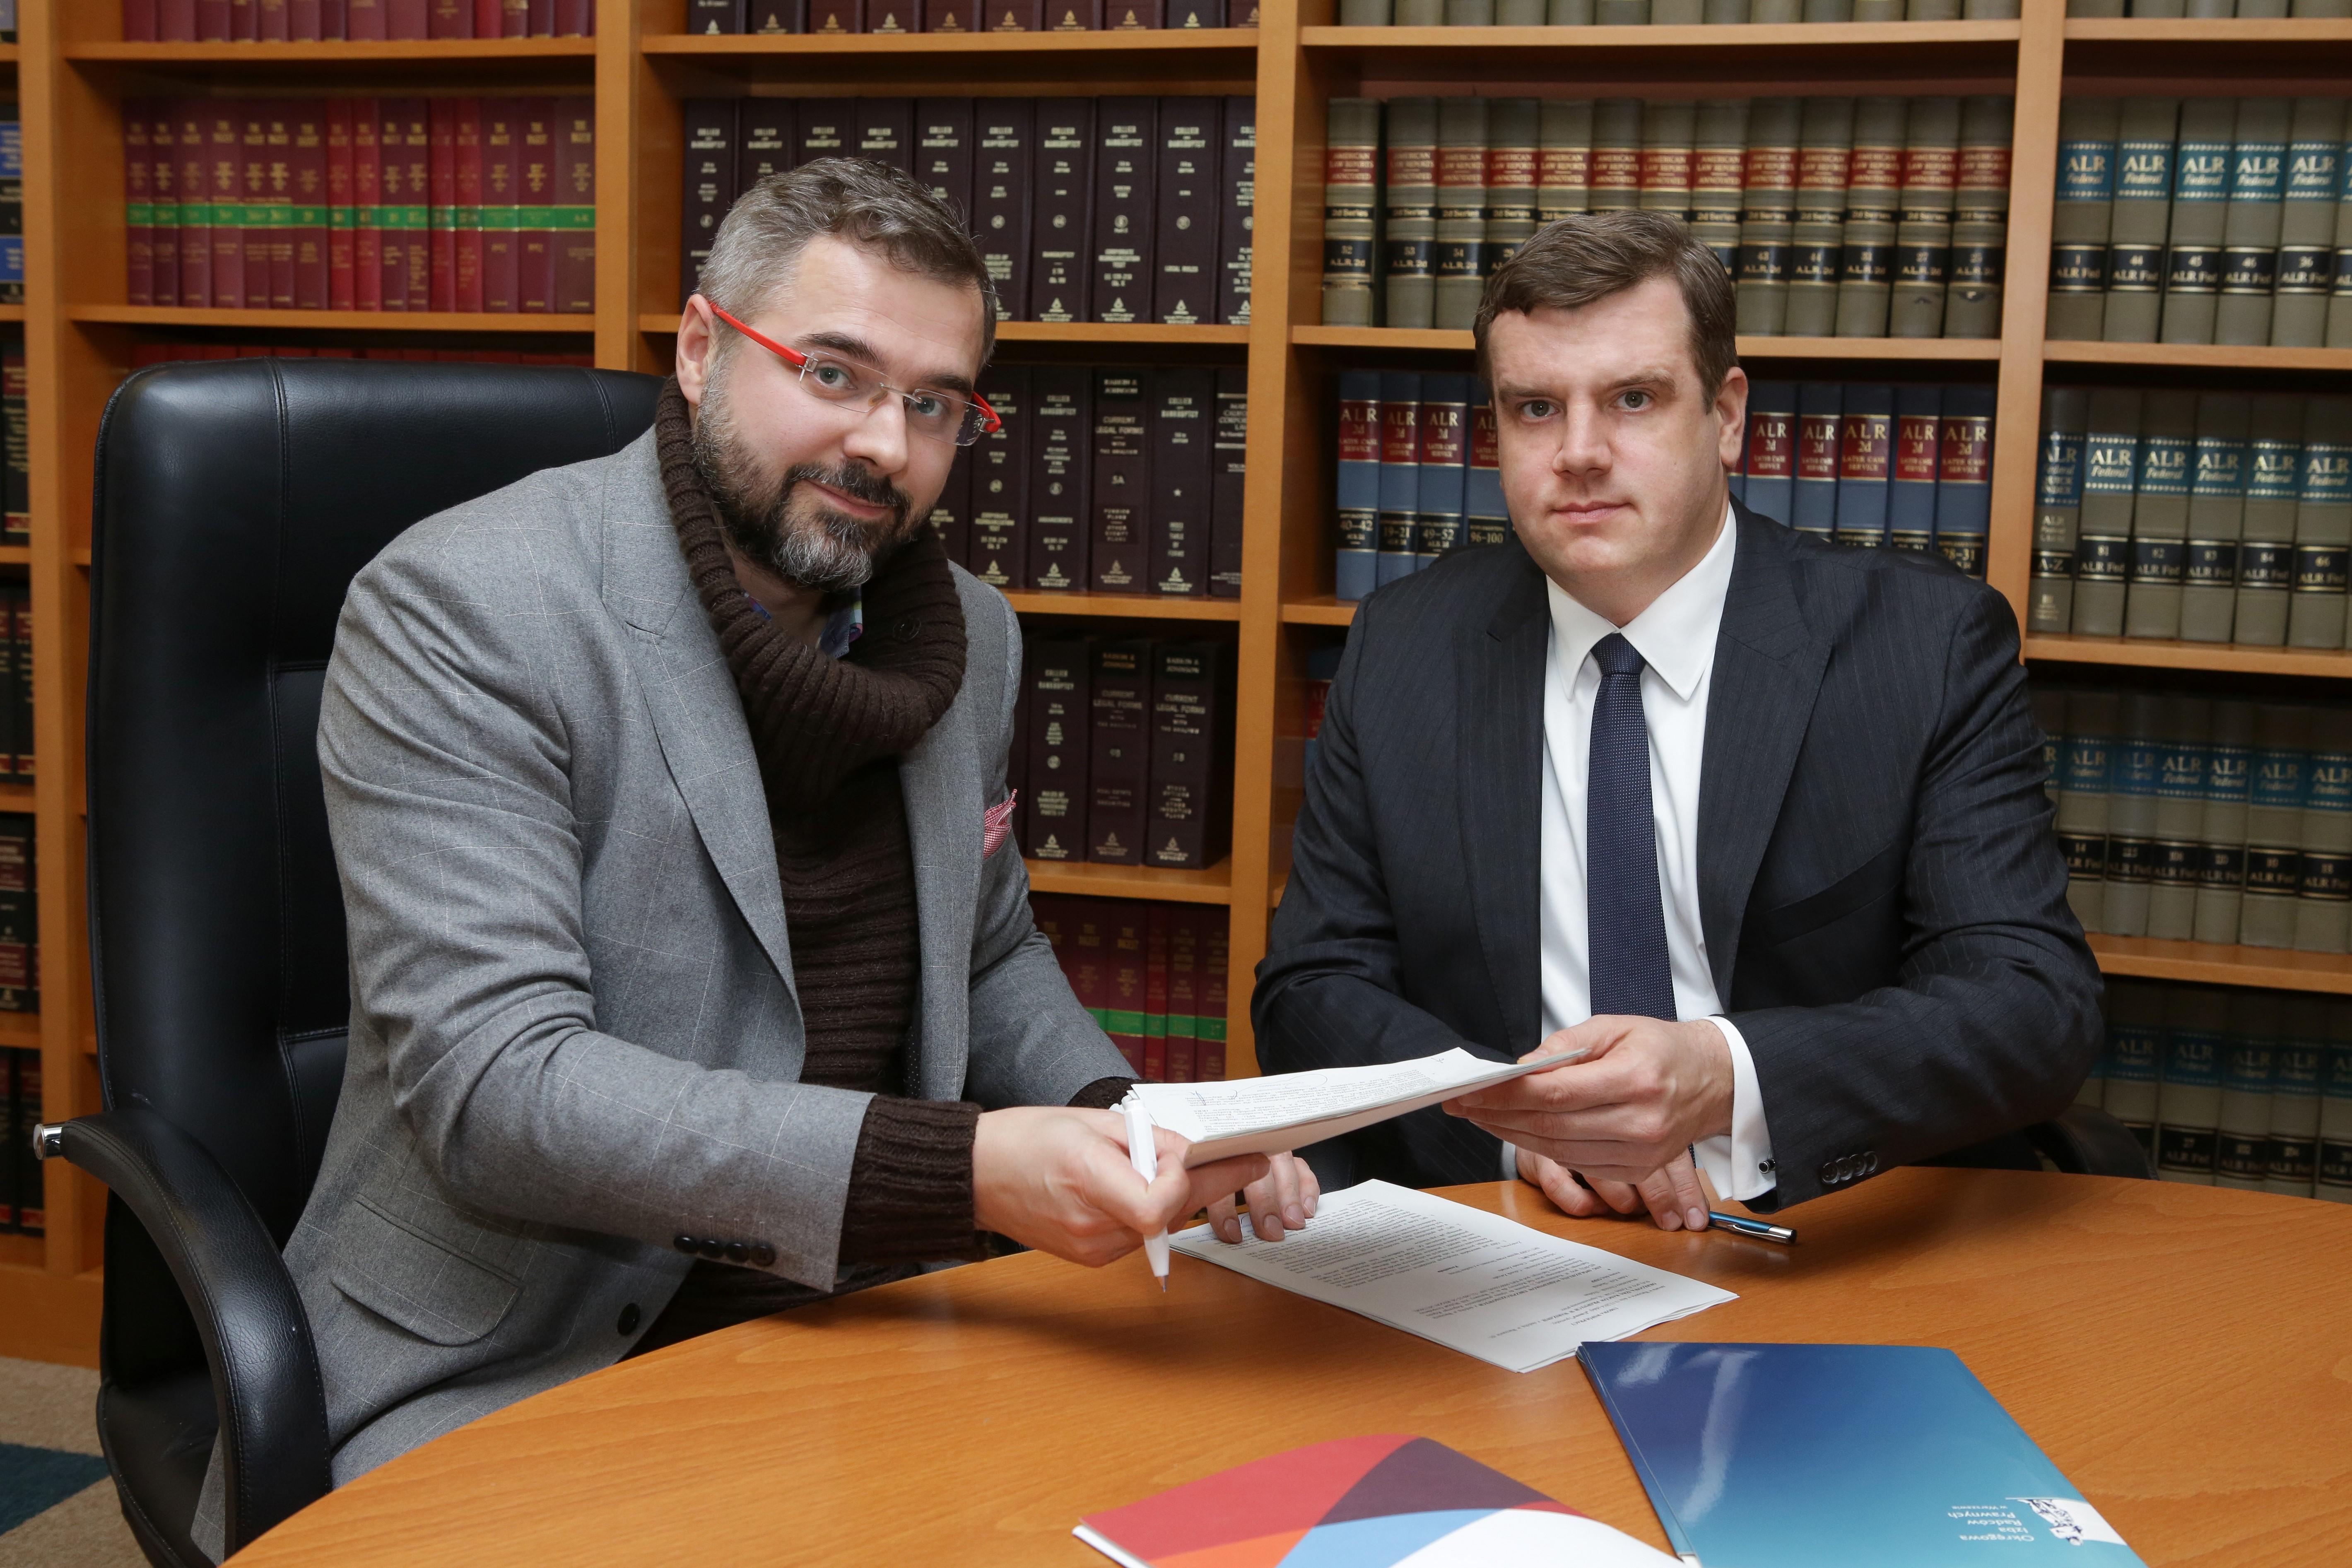 Uruchomienie portalu dla radców prawnych